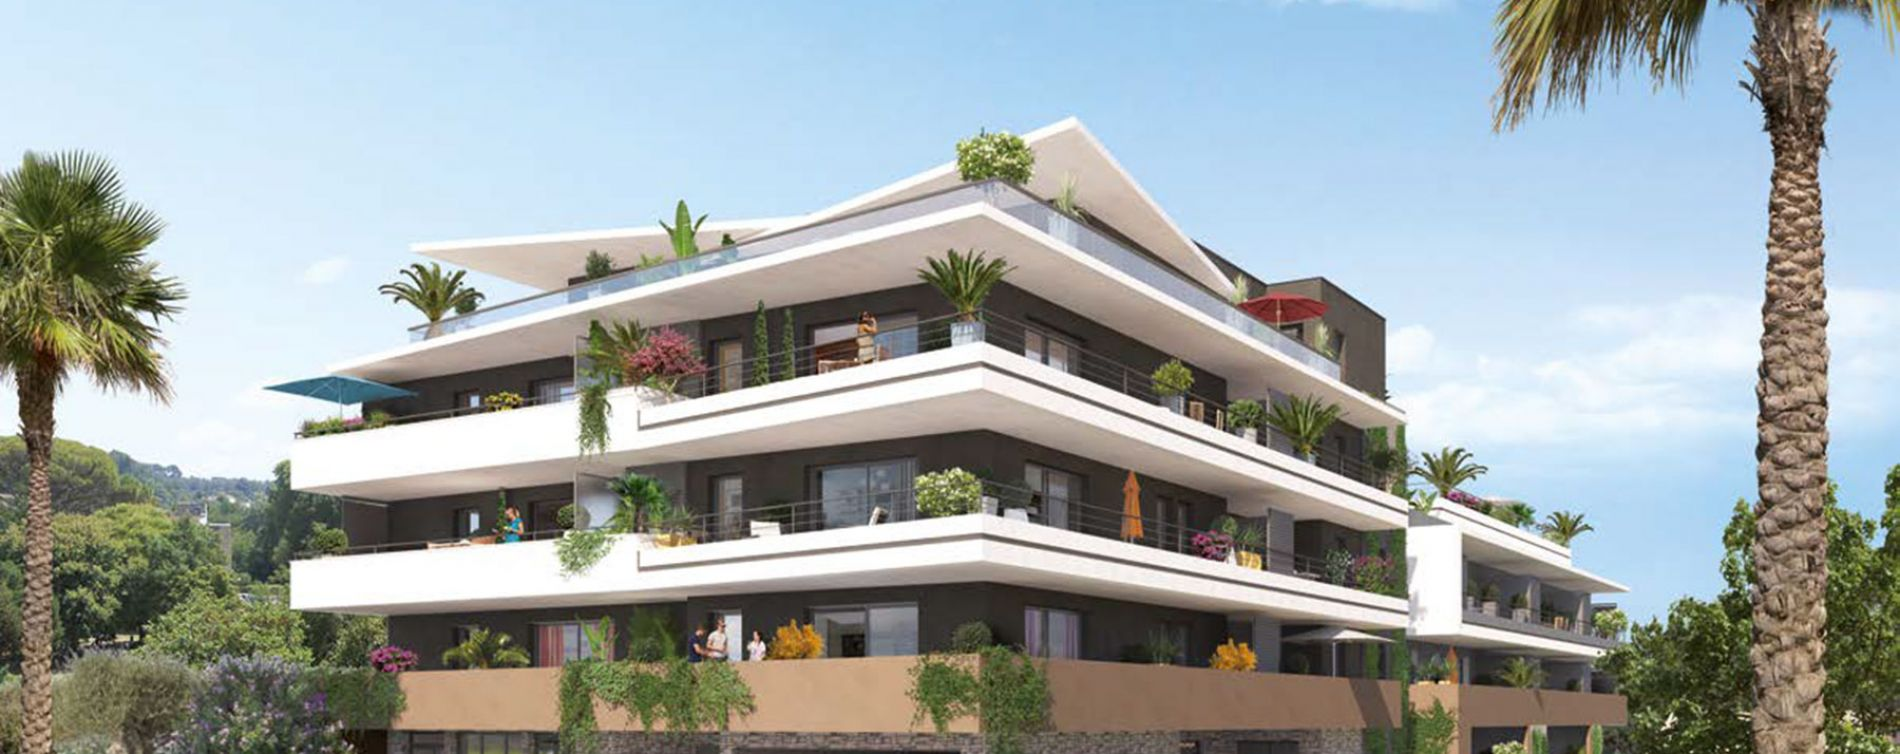 Villeneuve-Loubet : programme immobilier neuve « Programme immobilier n°219427 » en Loi Pinel (4)